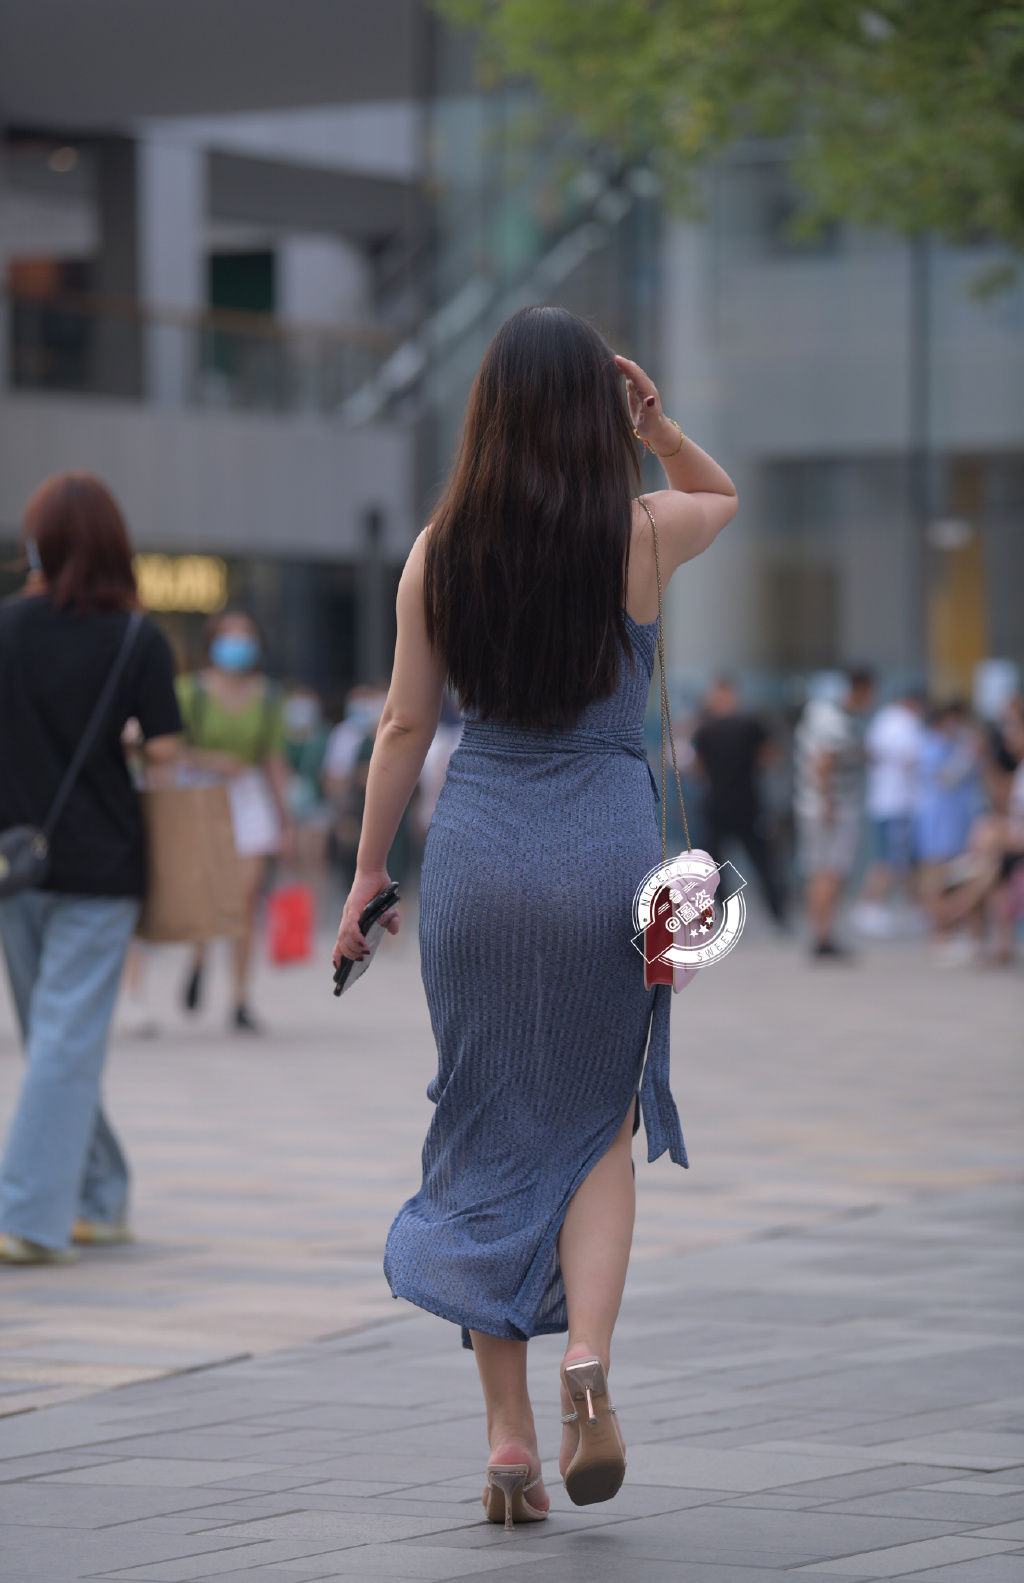 就是这款裙子,每个人穿都好好看!